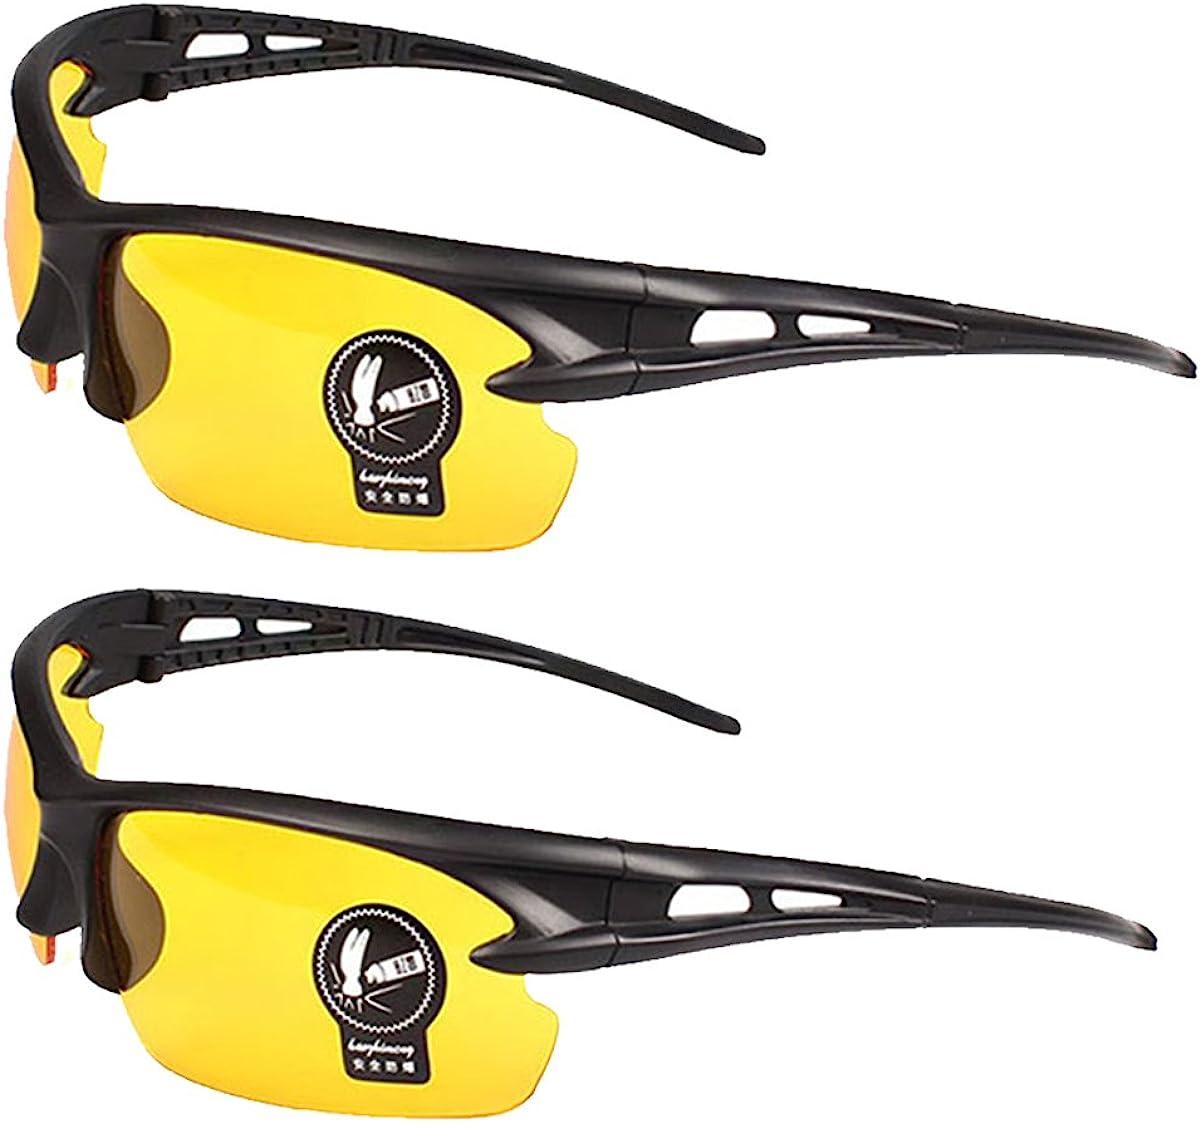 2 pares de gafas de sol unisex antideslumbramiento sin polarizaci/ón con estilo d/ía y gafas de visi/ón nocturna mejor para hombres mujeres conducci/ón ciclismo esqu/í deportes al aire libre protecci/ón